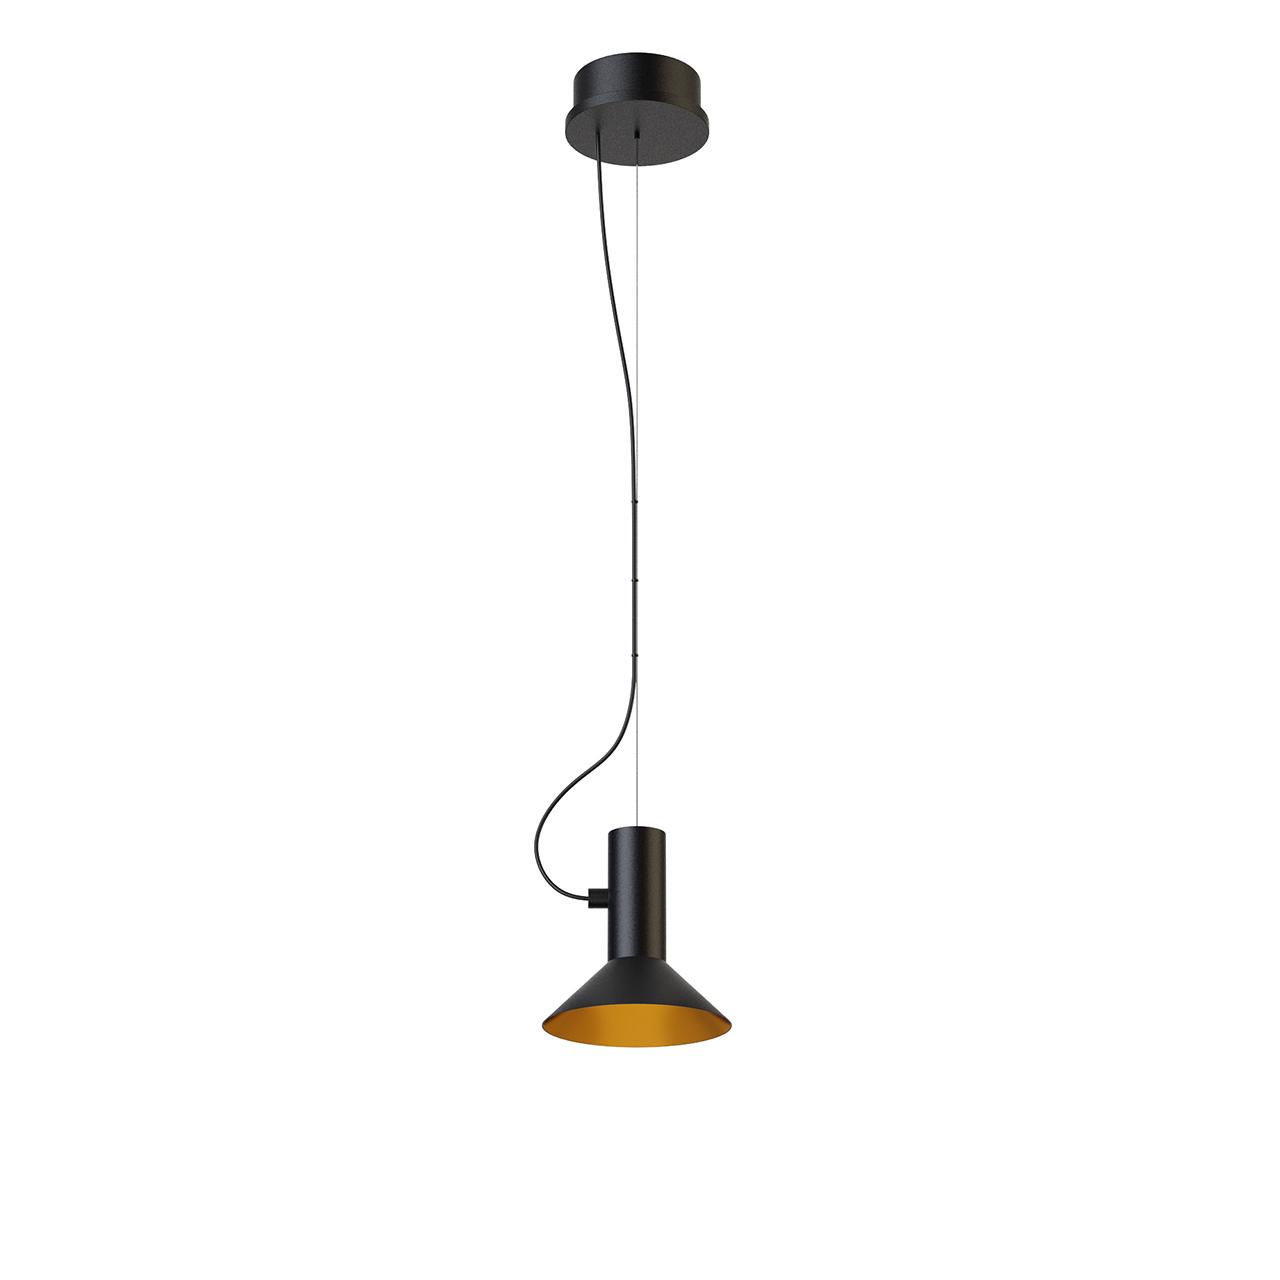 Roomor 1 Suspended Light 2481E0BK1 by Wever Ducre